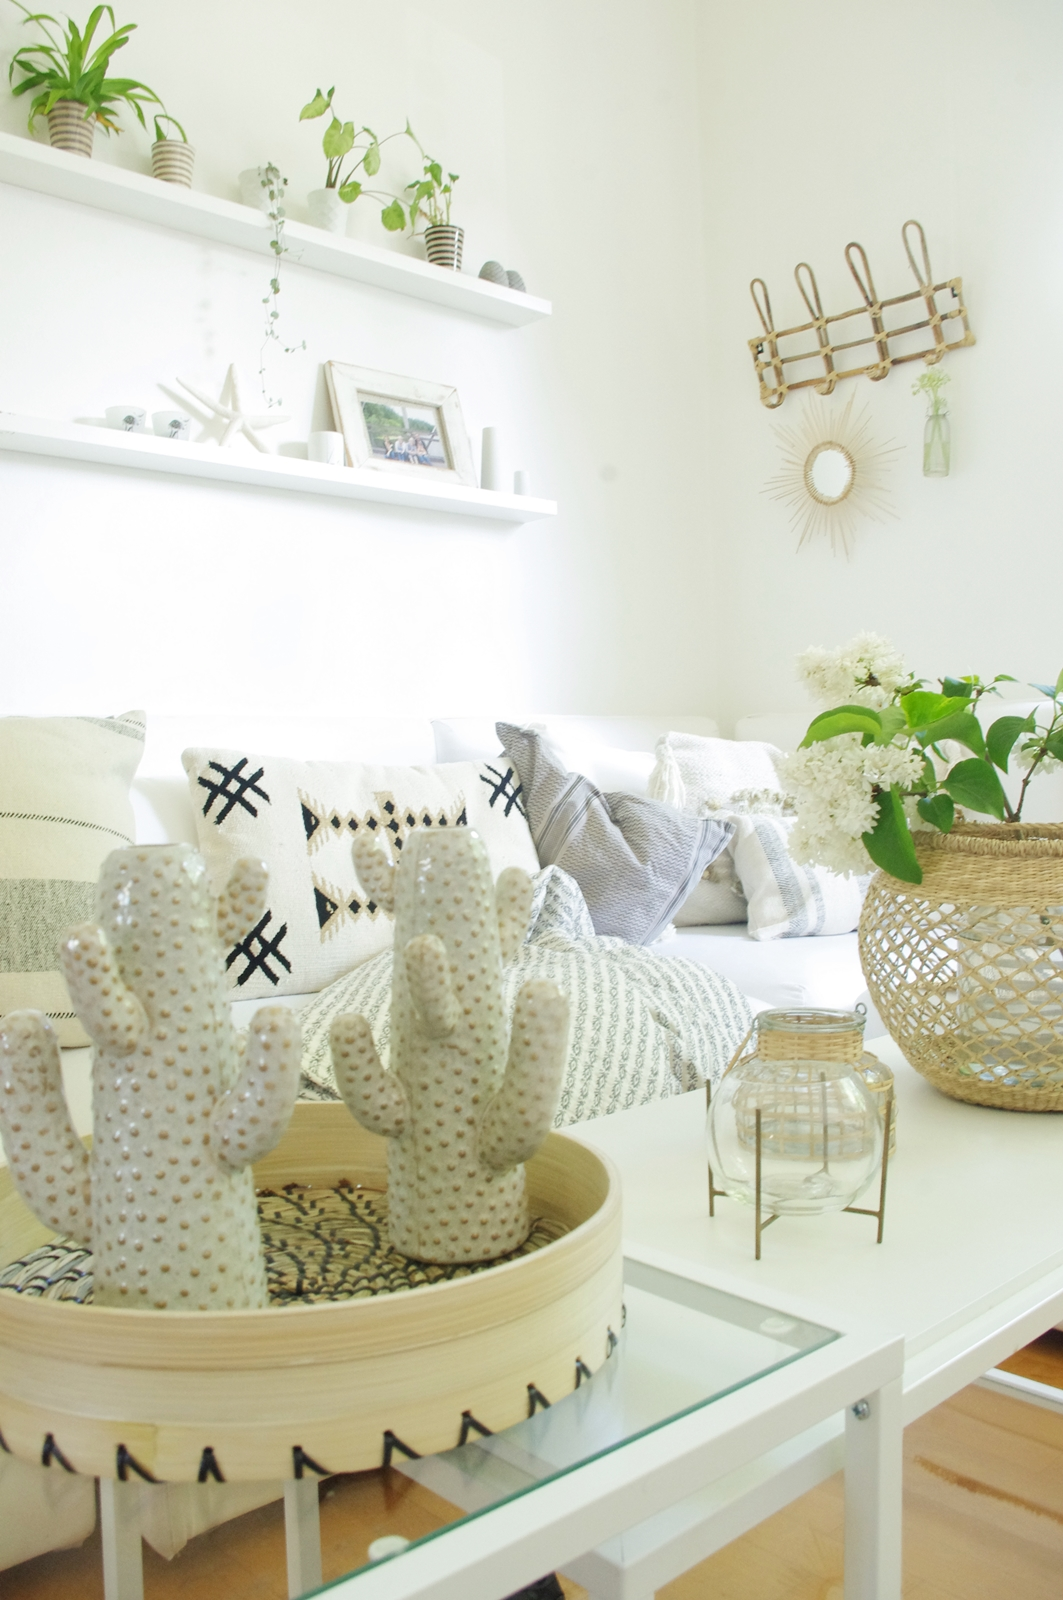 Wohnzimmer-Neue-Blumenvase-Kaktus